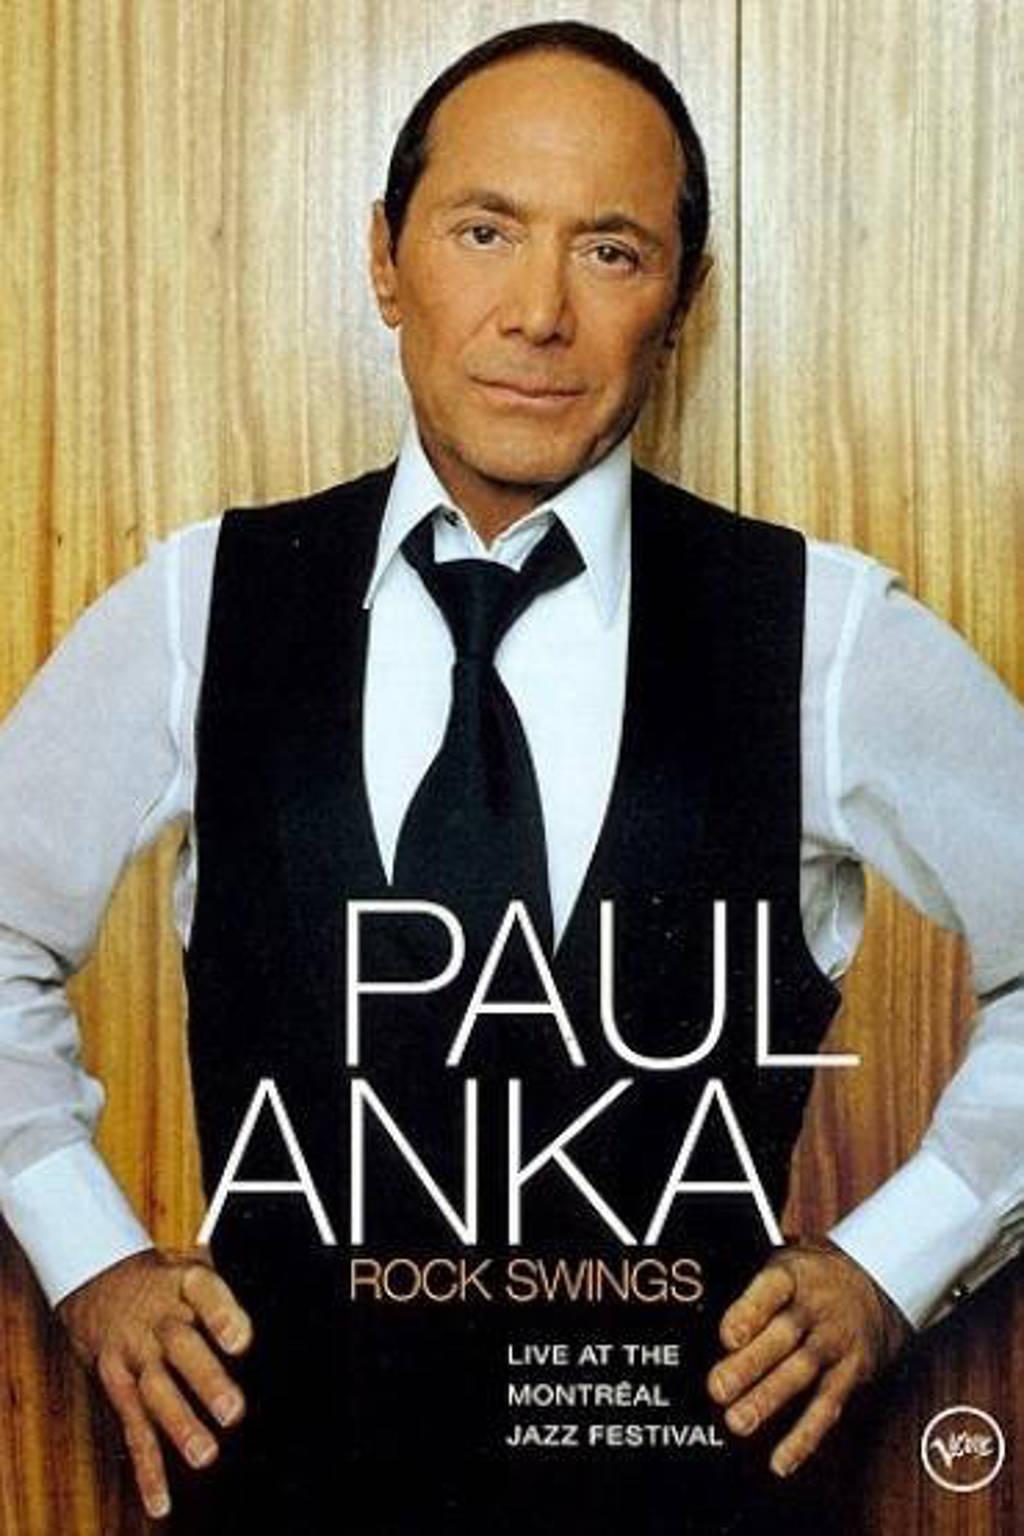 Paul Anka - Rock swings (DVD)